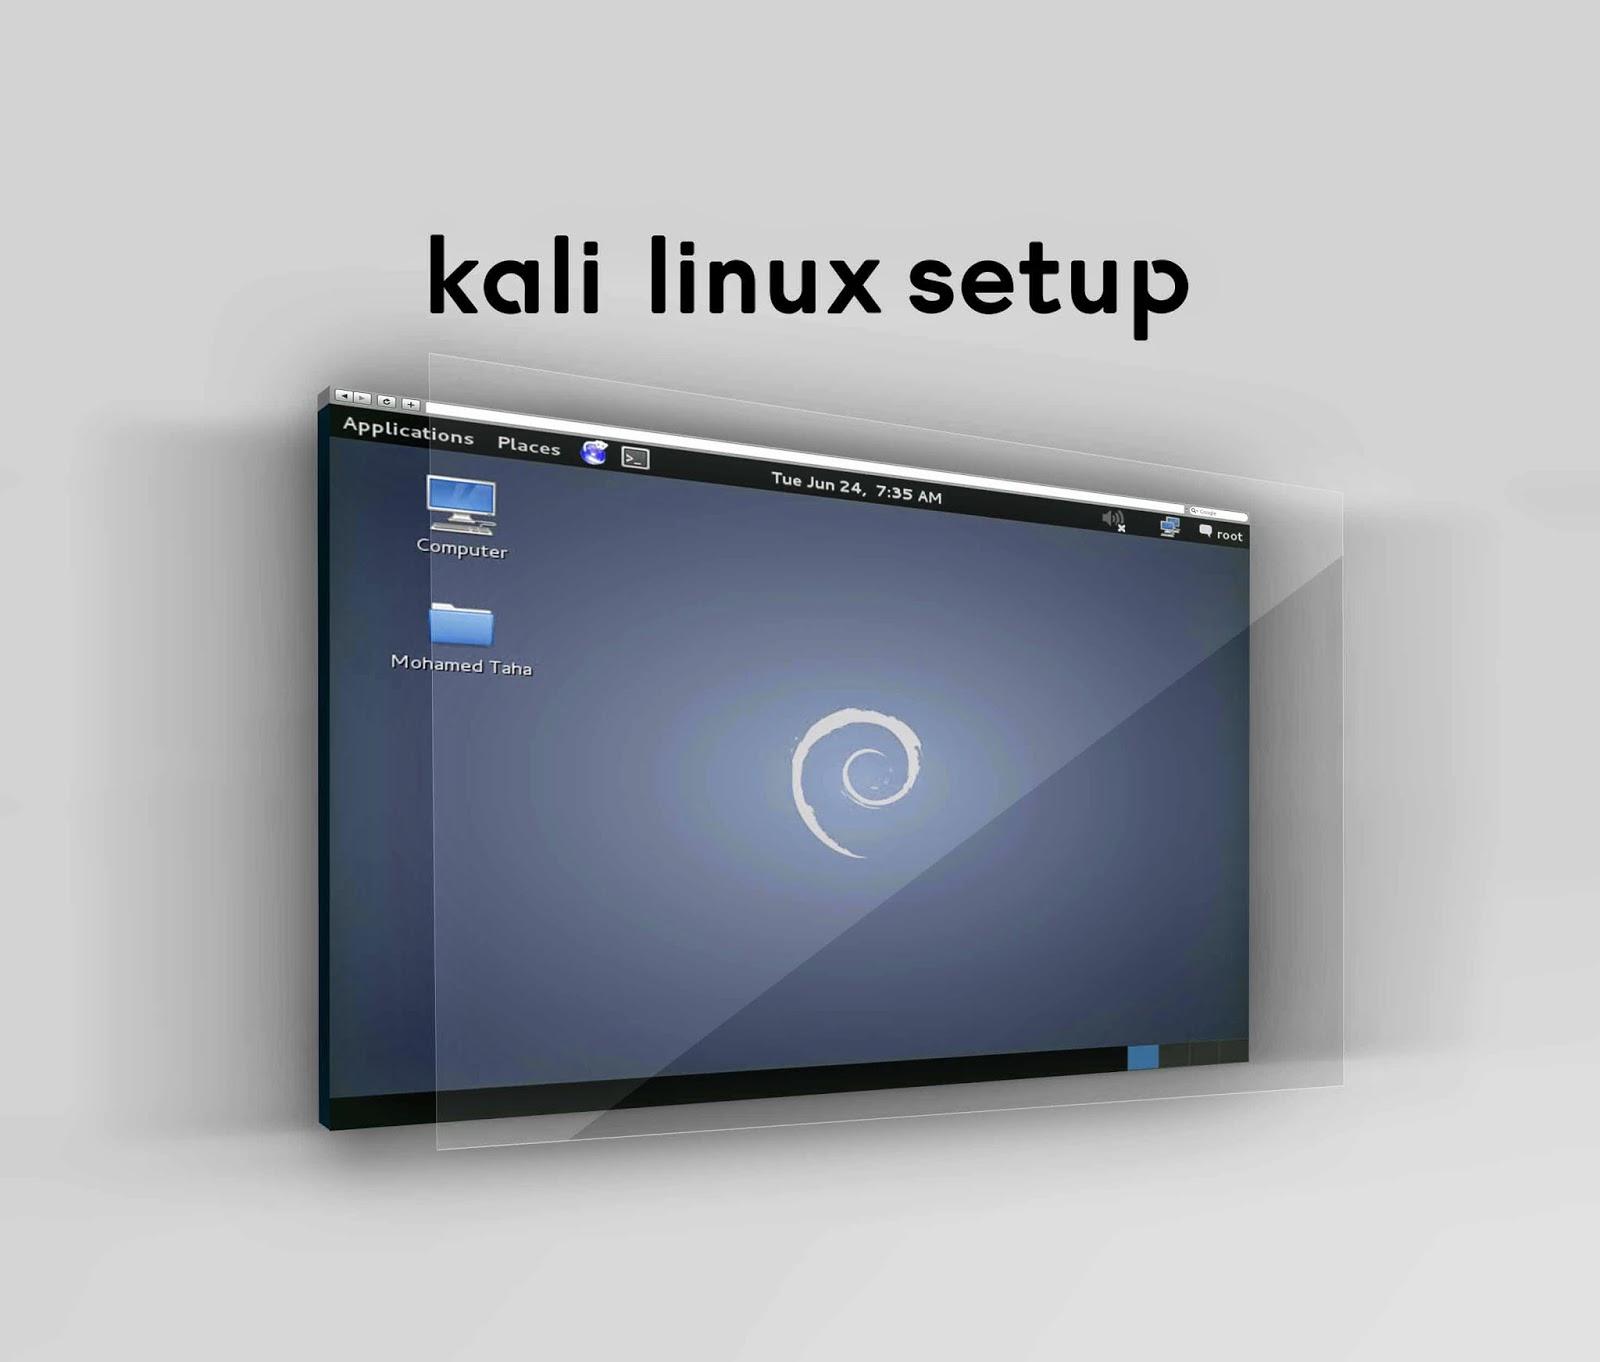 شرح تسطيب kali linux